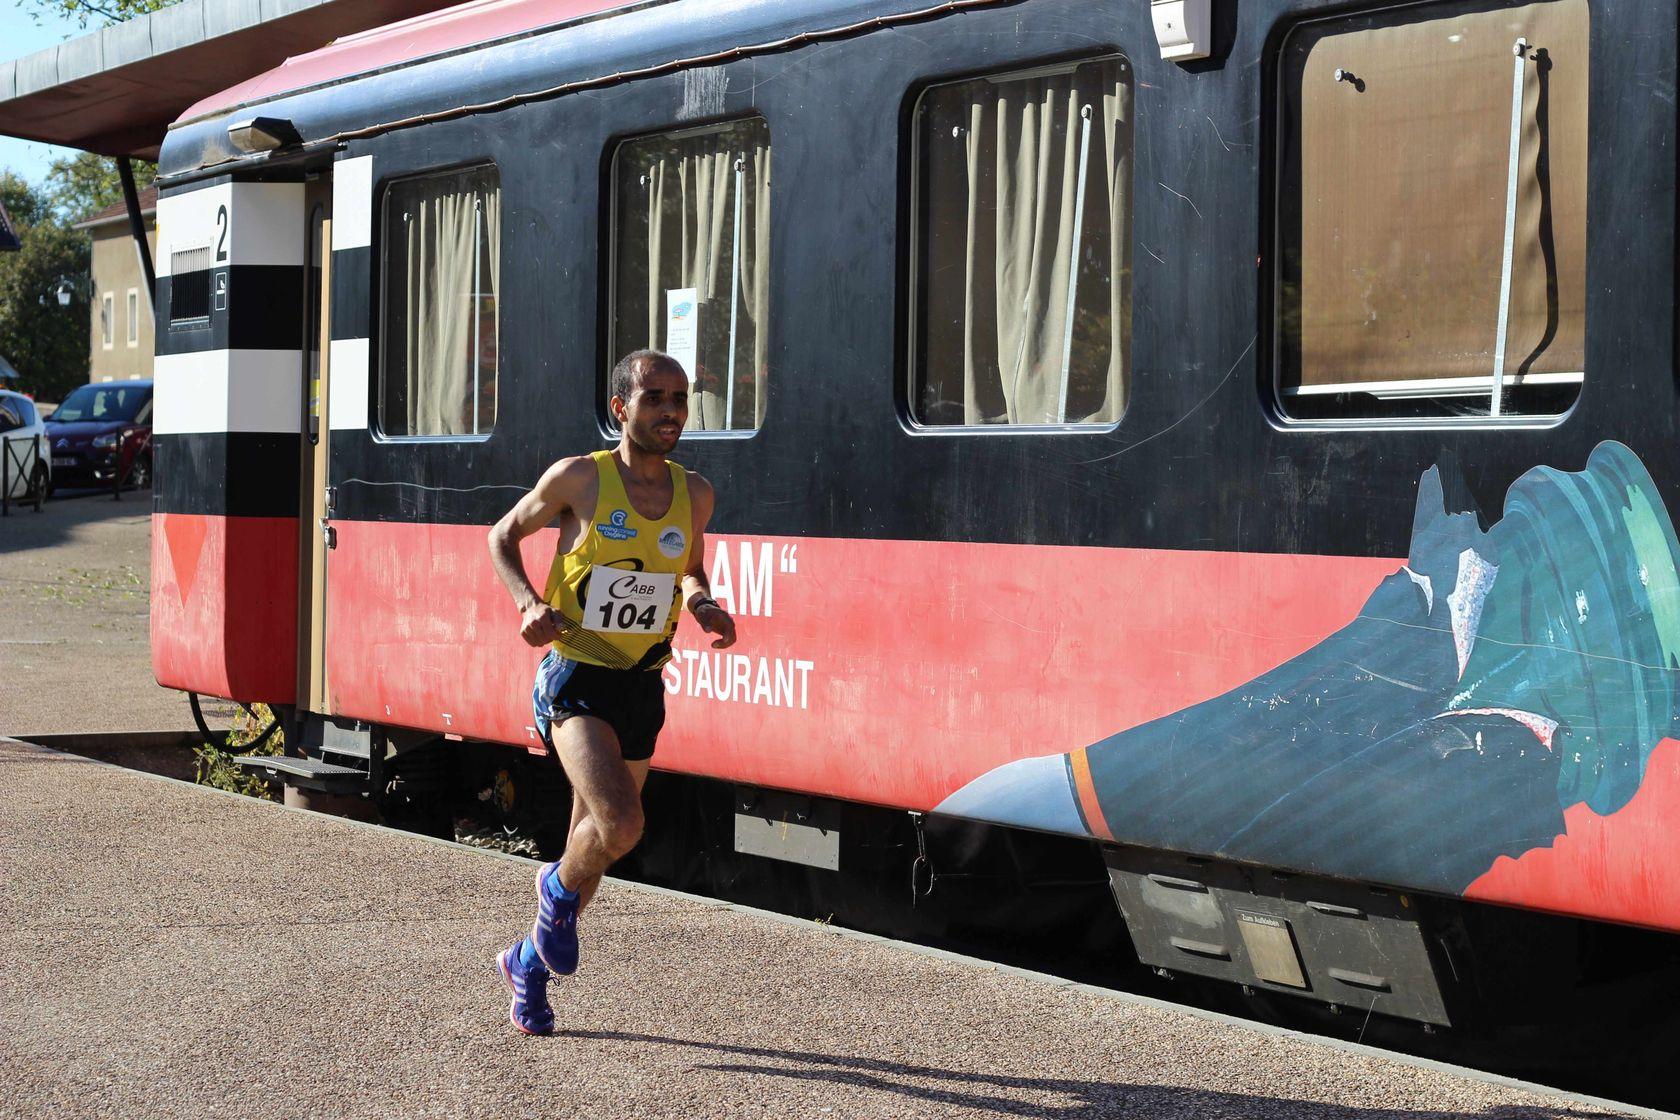 1er Tram - RESULTATS, COMPTES RENDUS ET PHOTOS DE LA VOIE DU TRAM A BELLEGARDE / 04-10-15